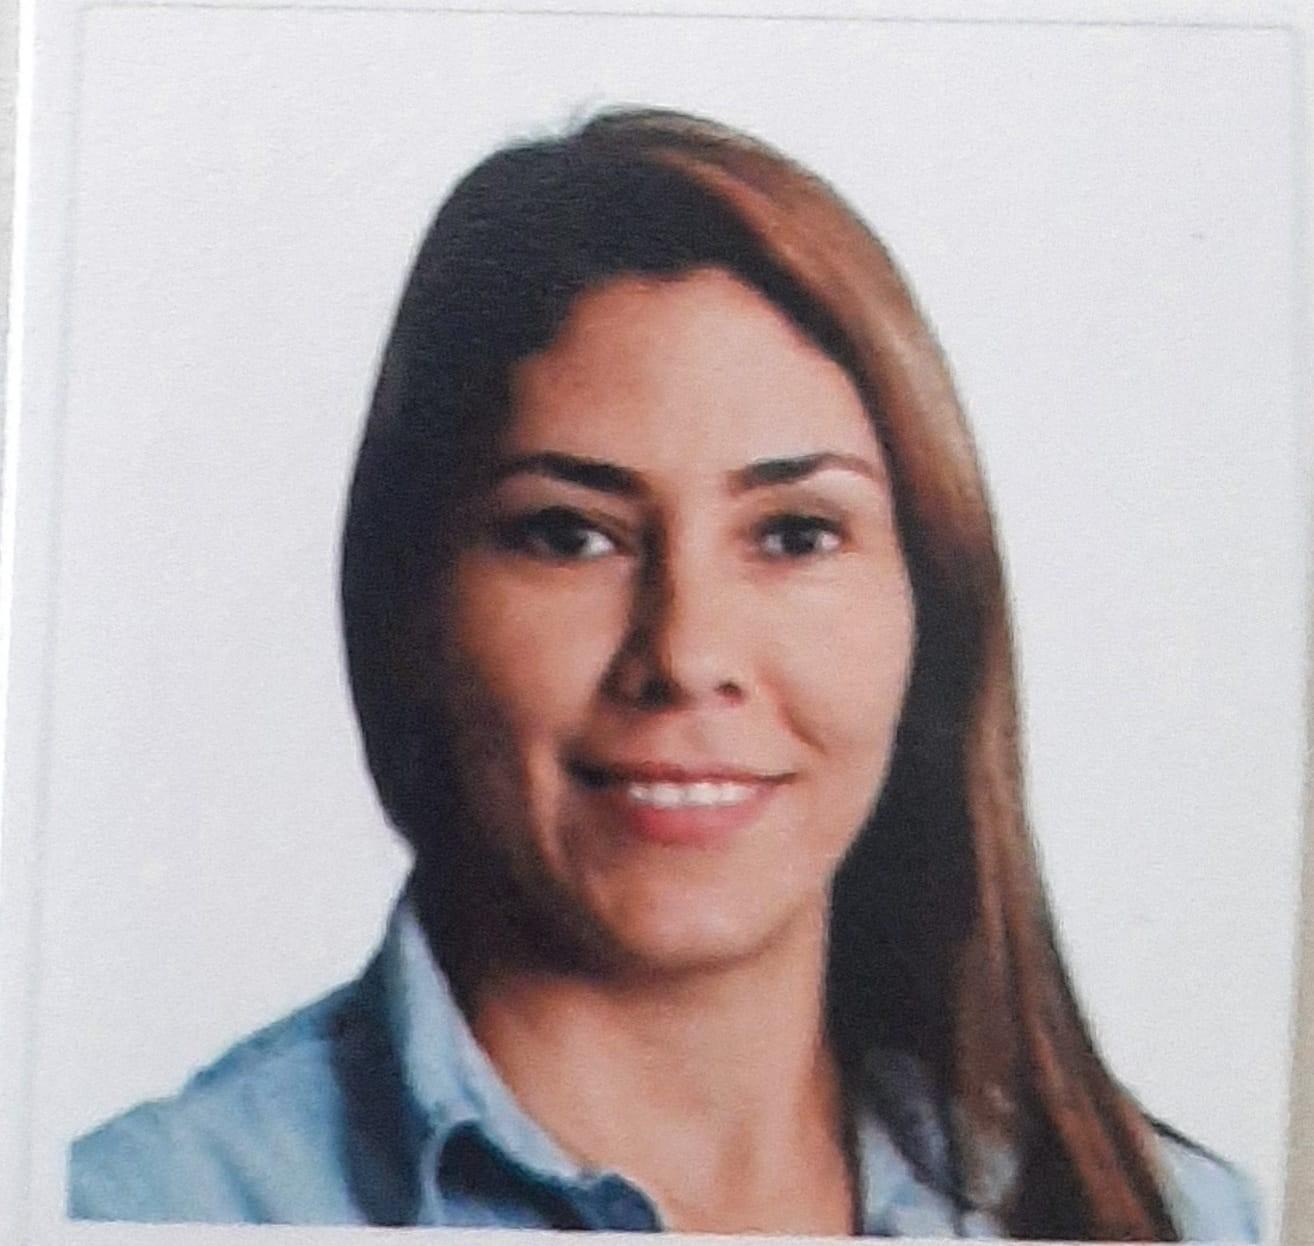 Erika Porras